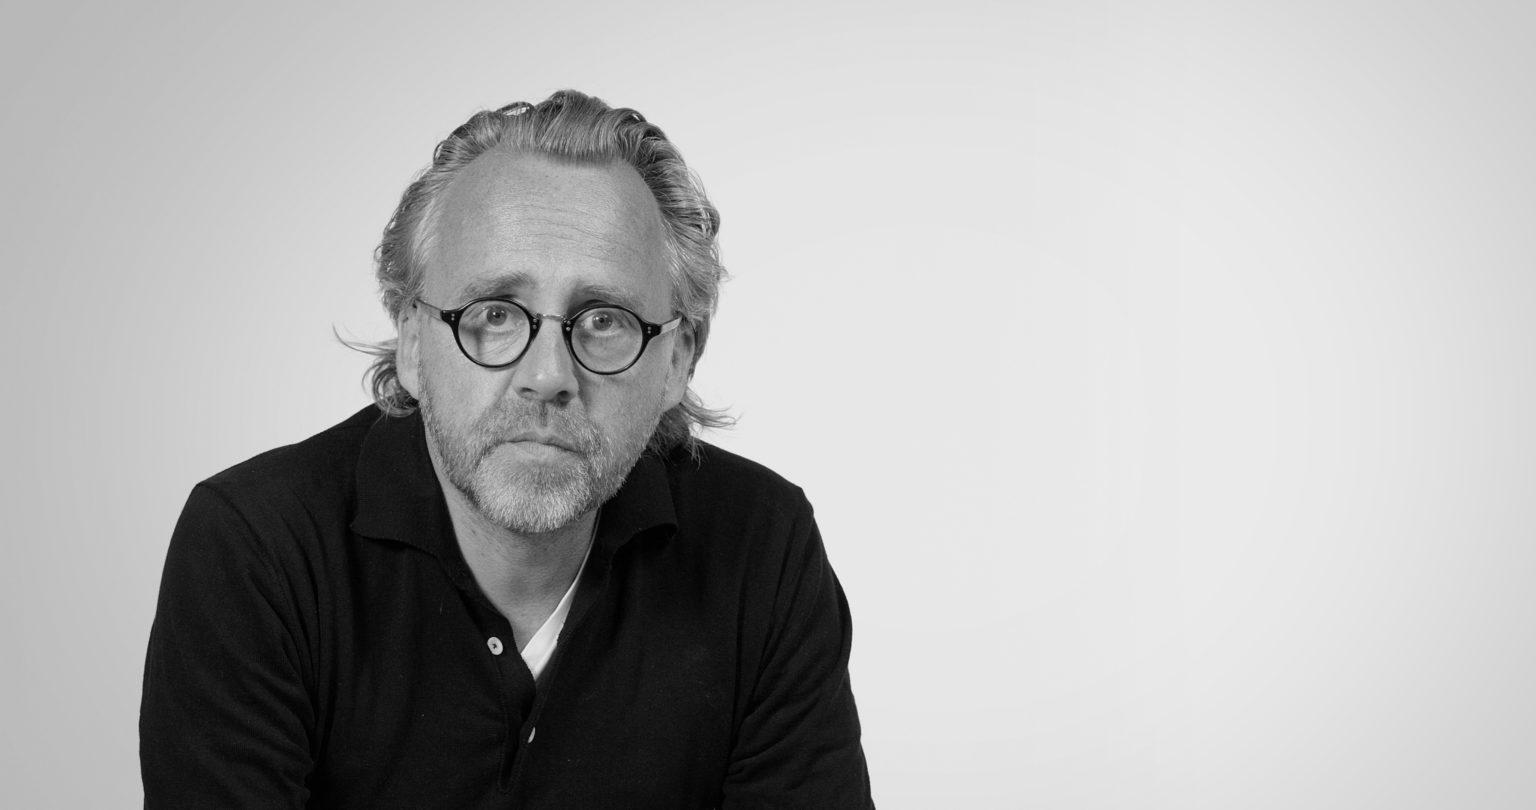 Månedens profil: Punktum Design - vi tager en snak med Søren om corporate branding og design